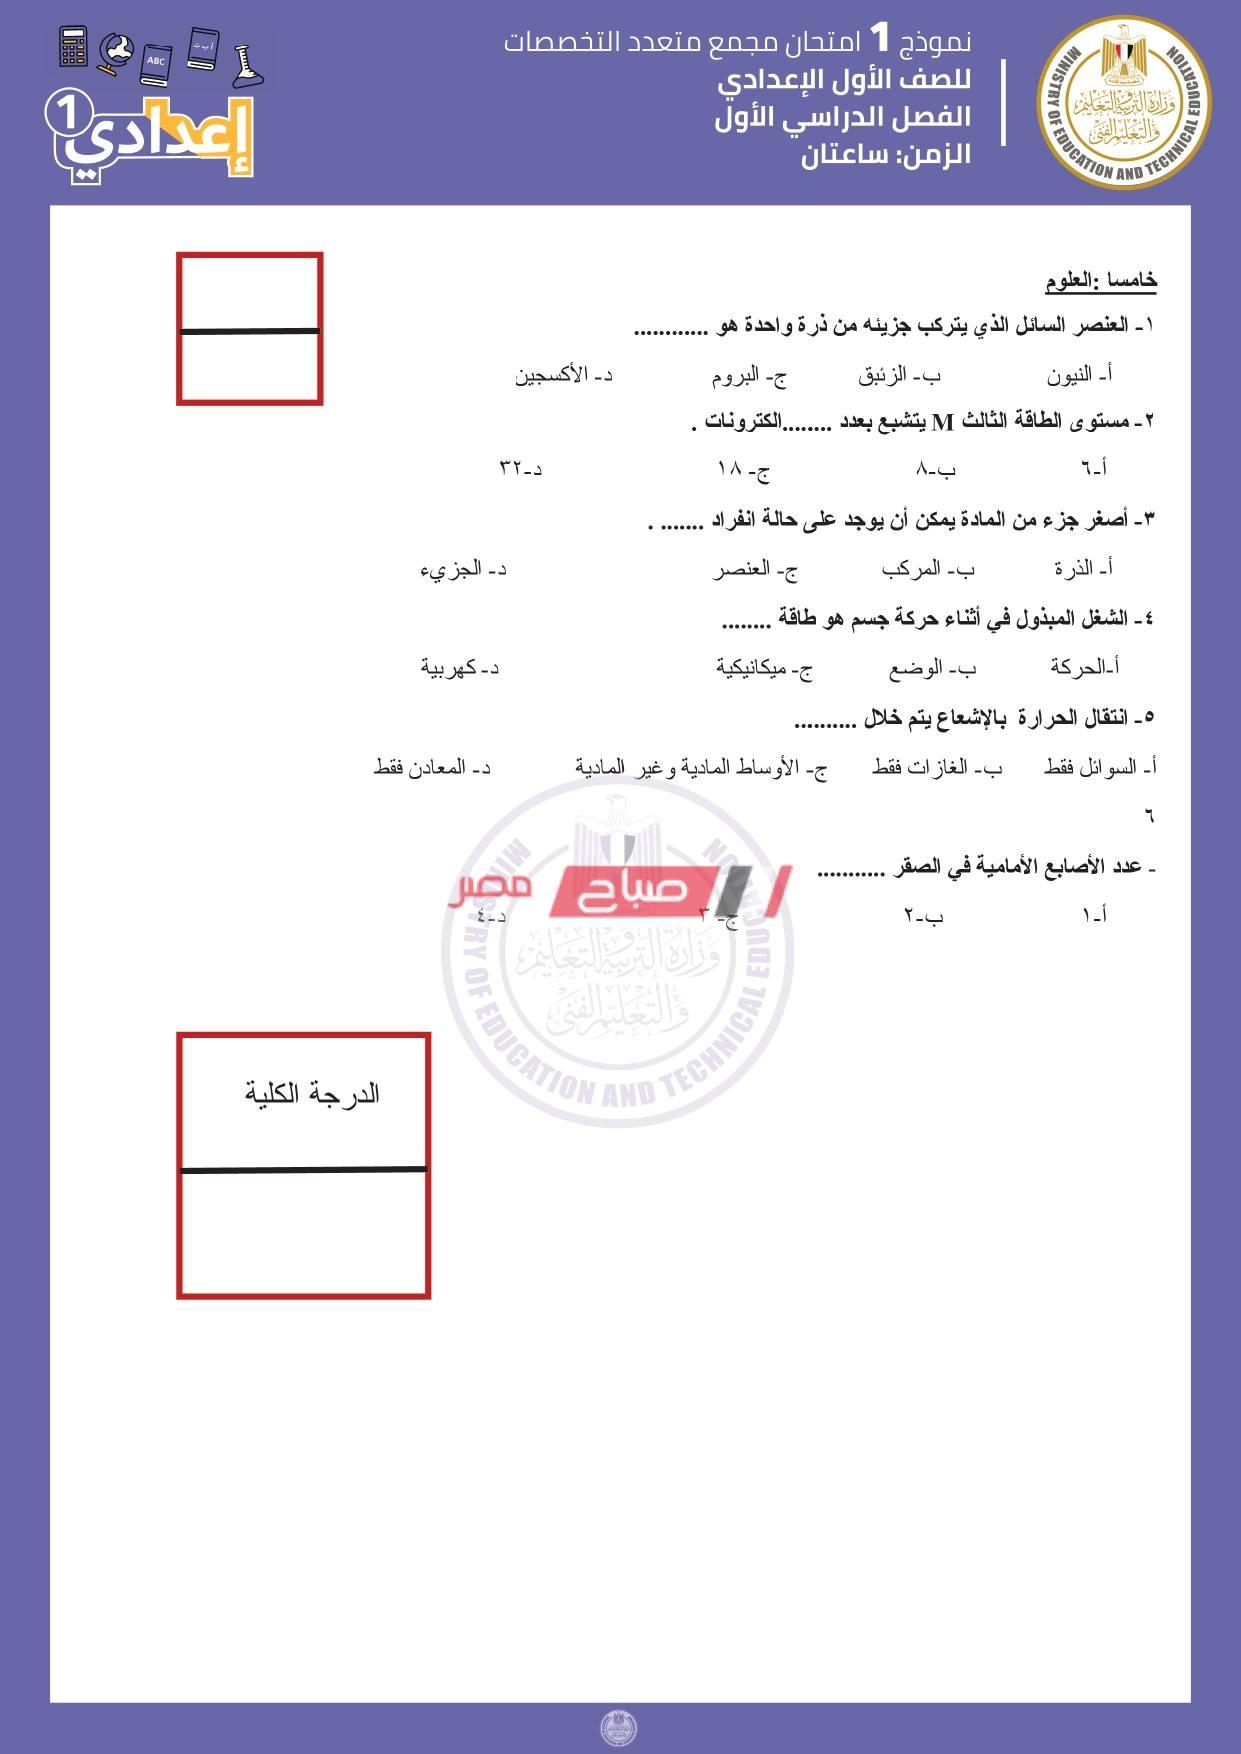 نماذج استرشادية الصف الأول الإعدادي